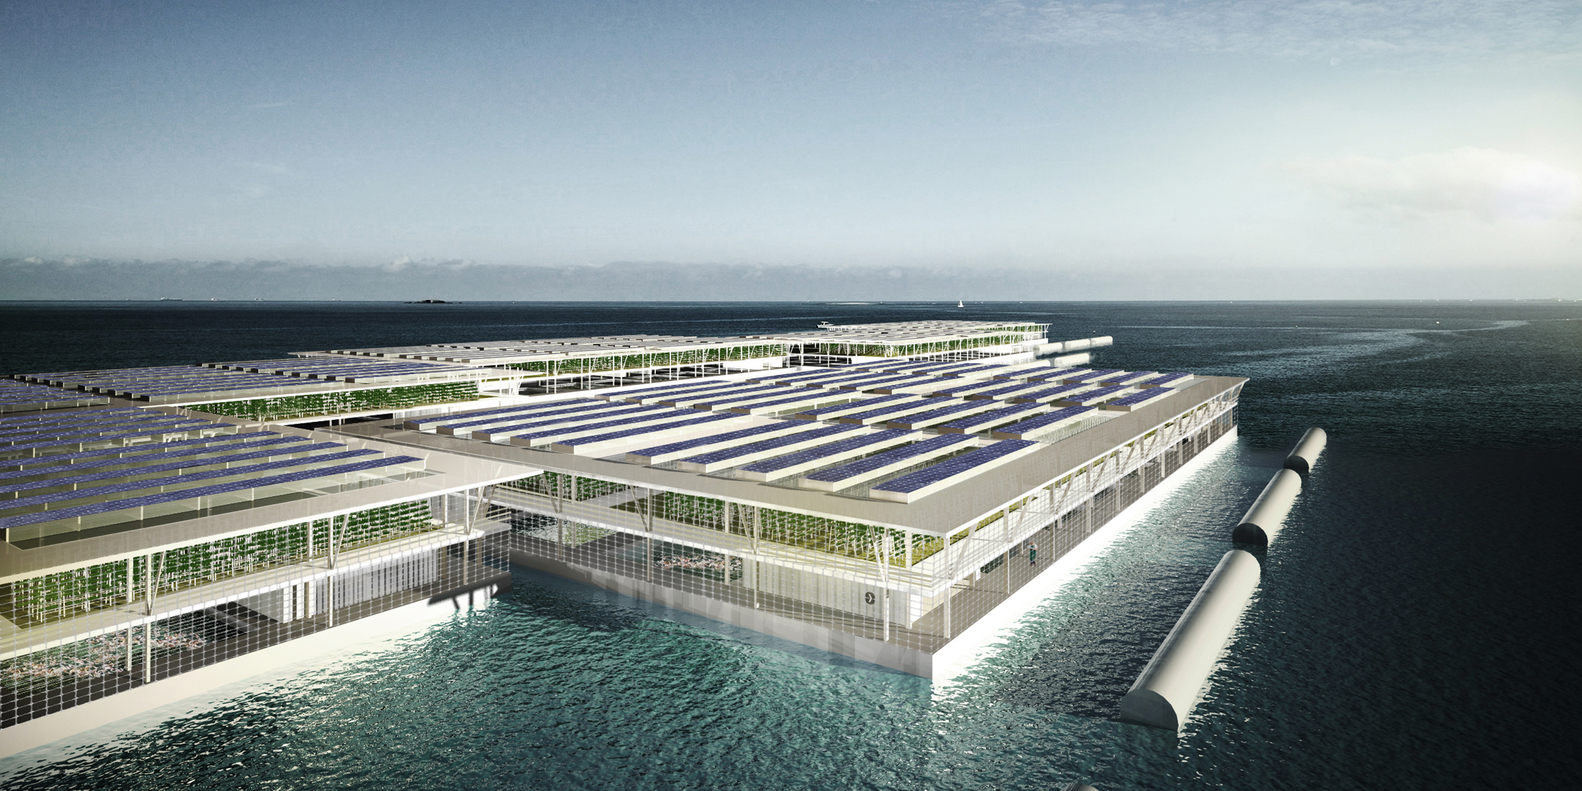 1-fazendas-flutuantes-forward-thinking-architecture